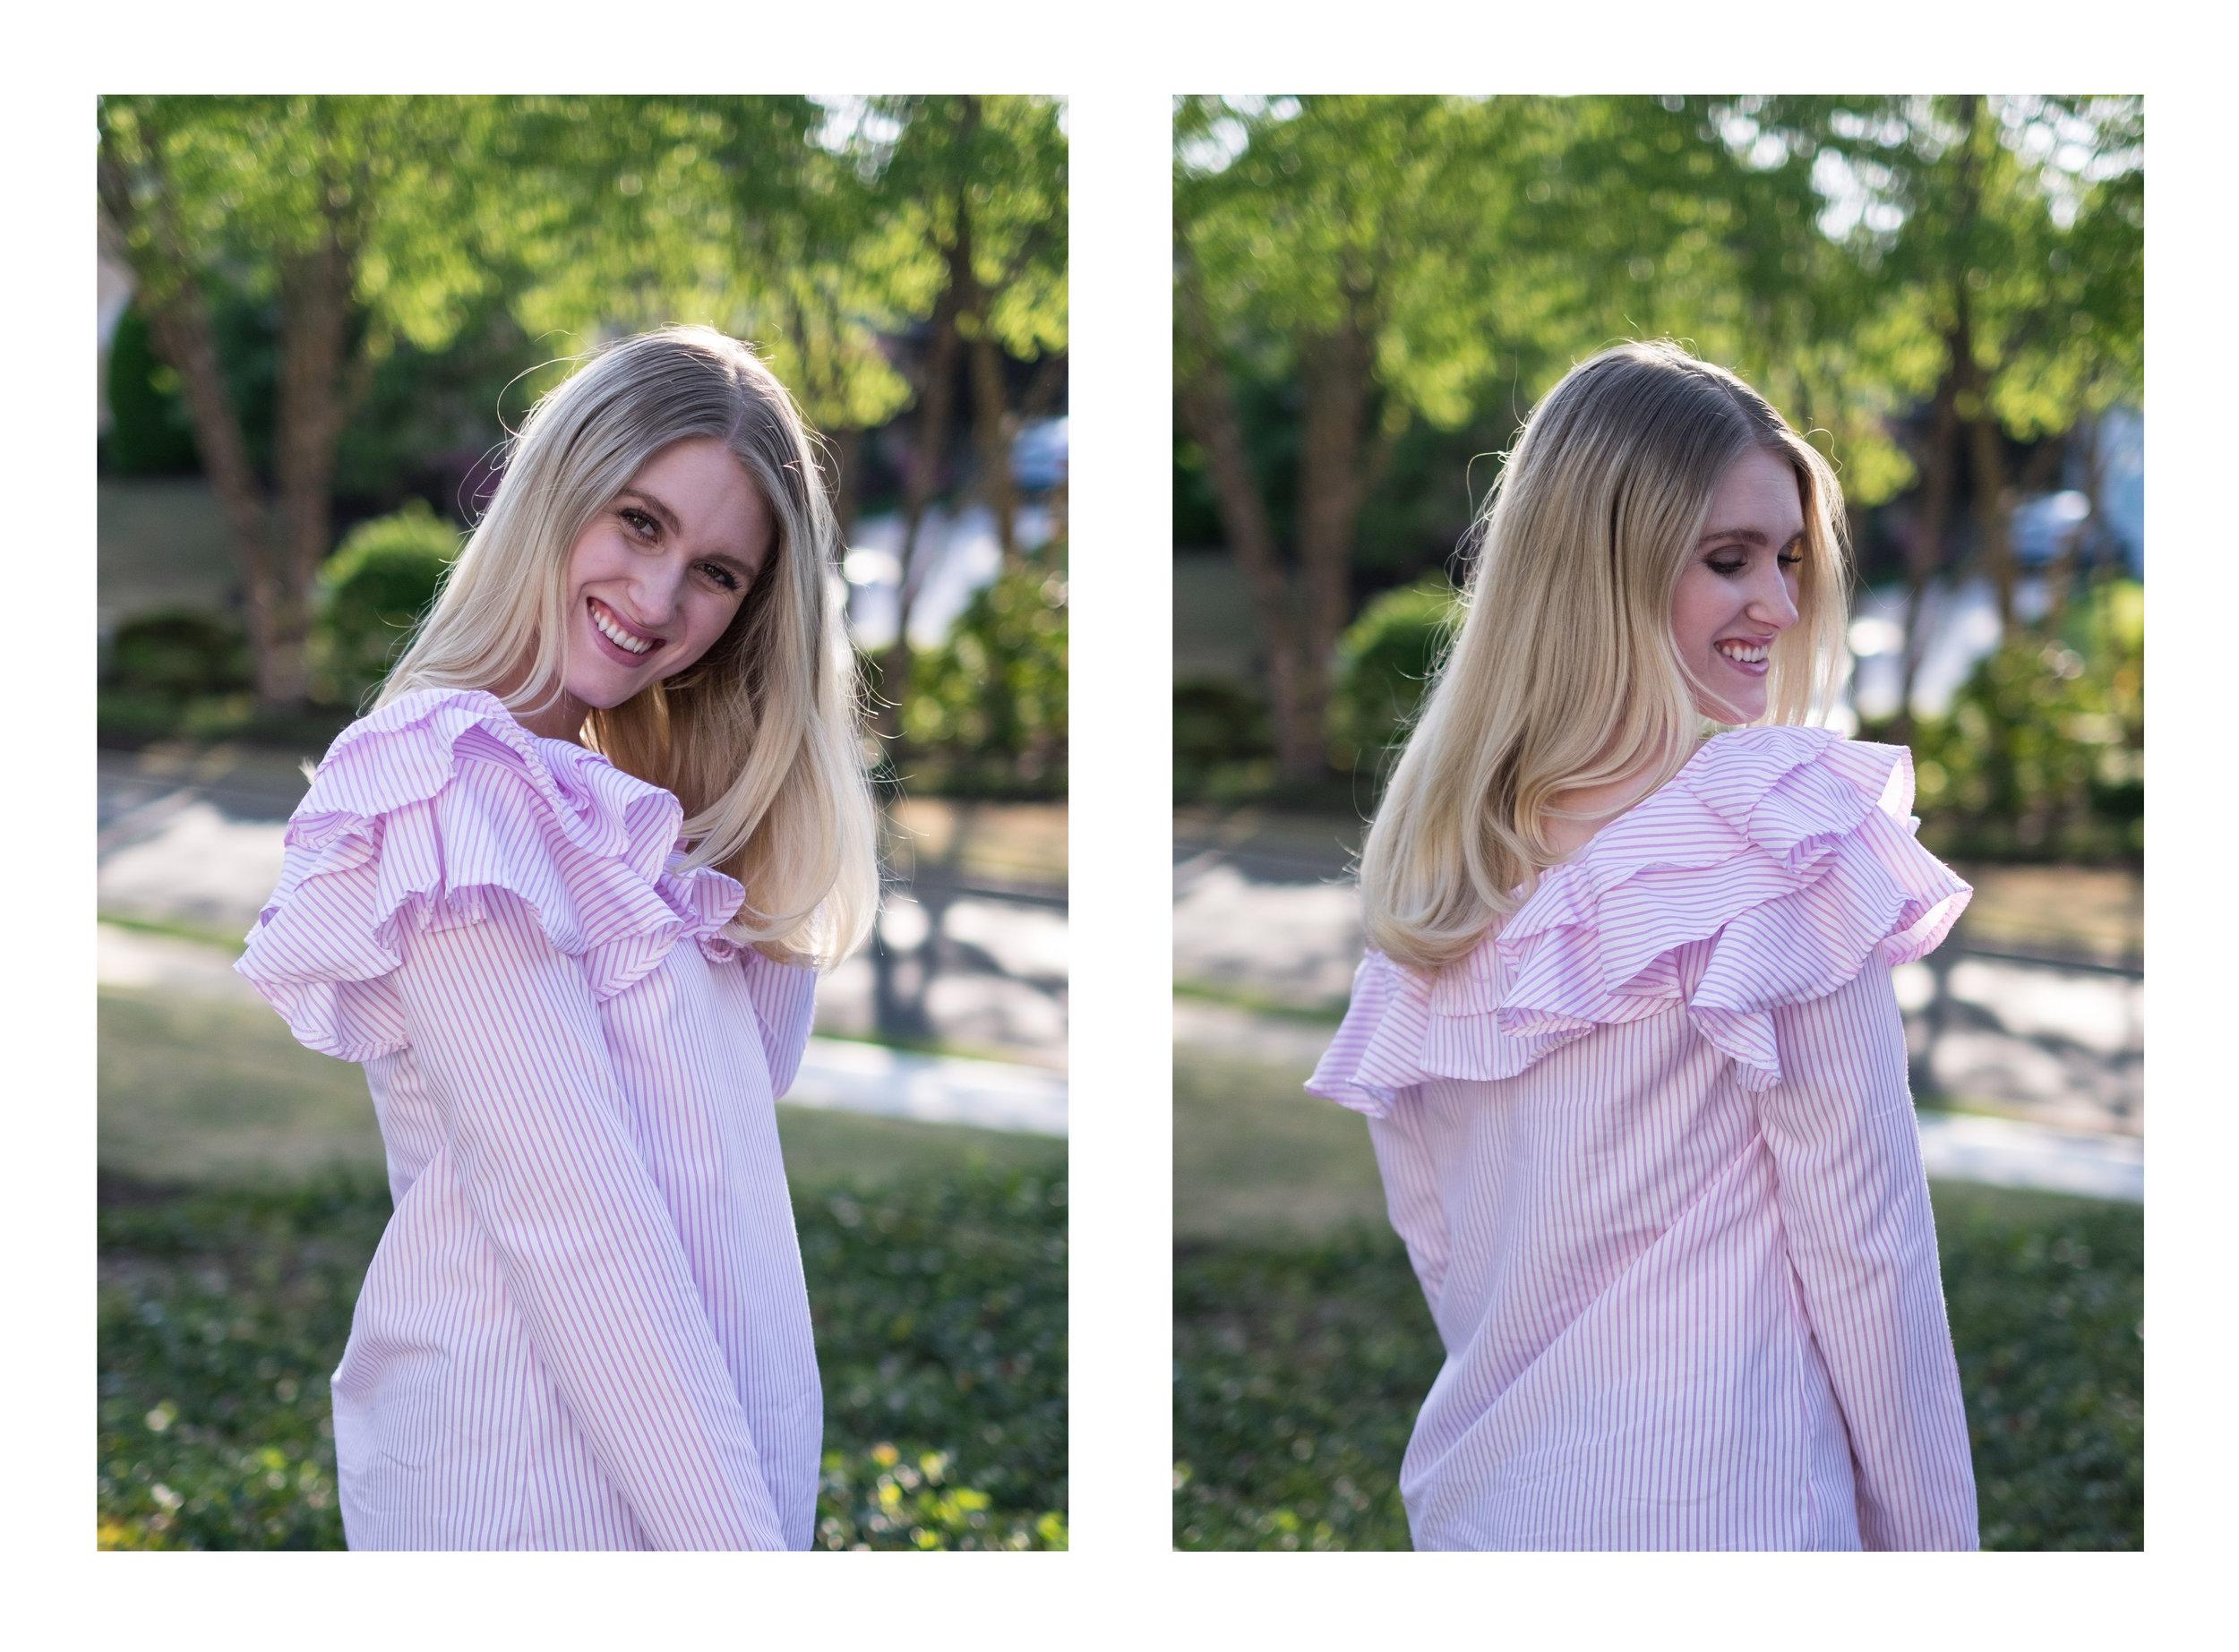 Easter Outfit Olivia Vranjes 2017 105.jpg